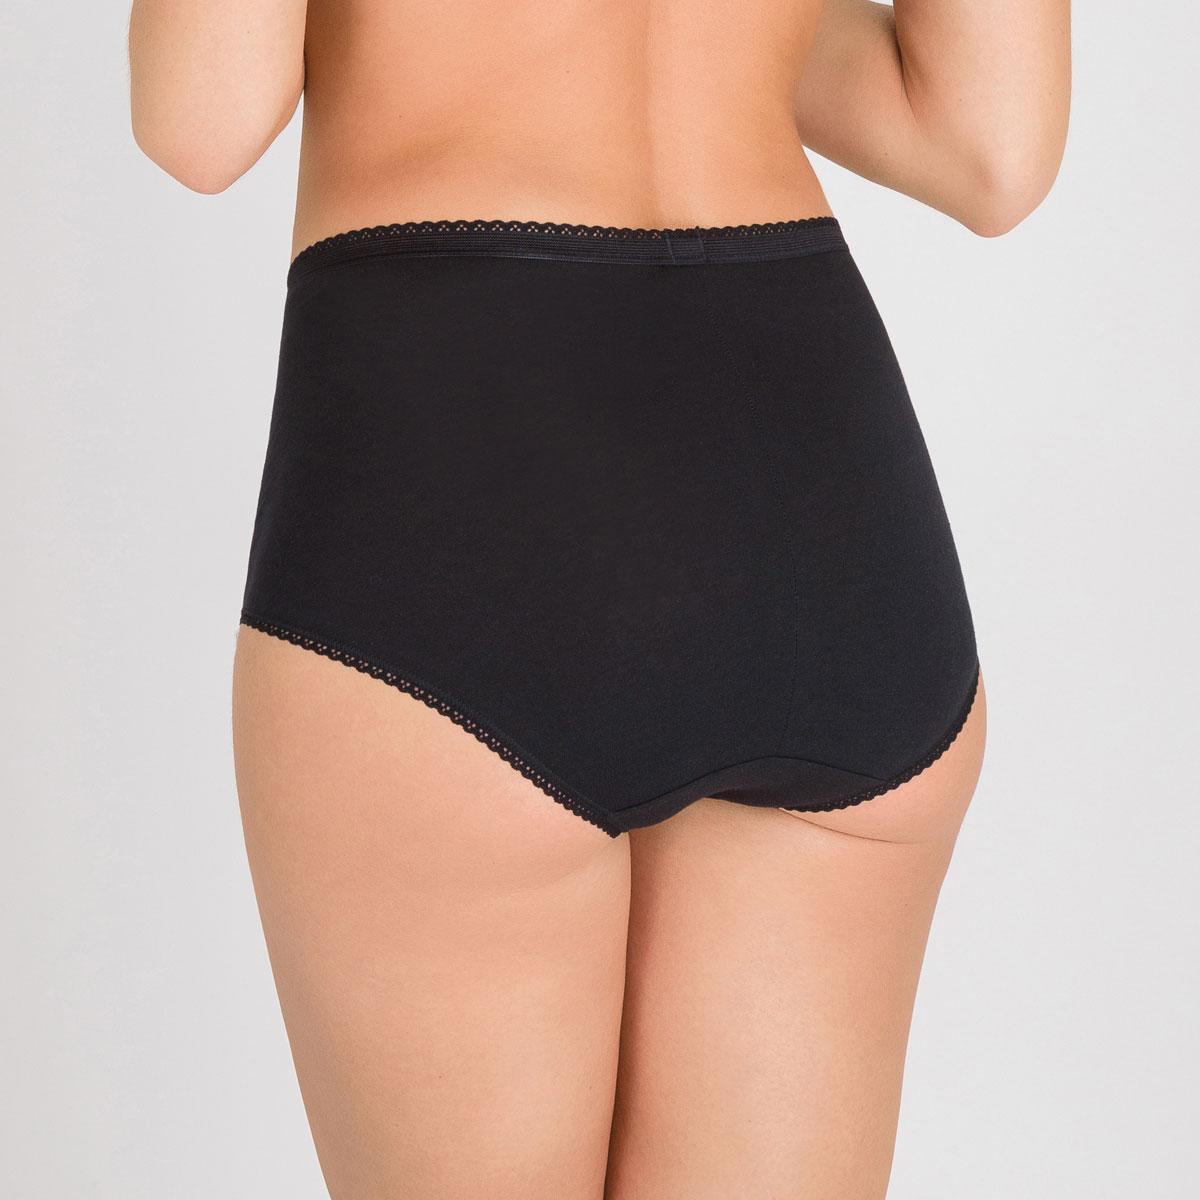 2 Culottes Maxi noires - Coton & Dentelle-PLAYTEX